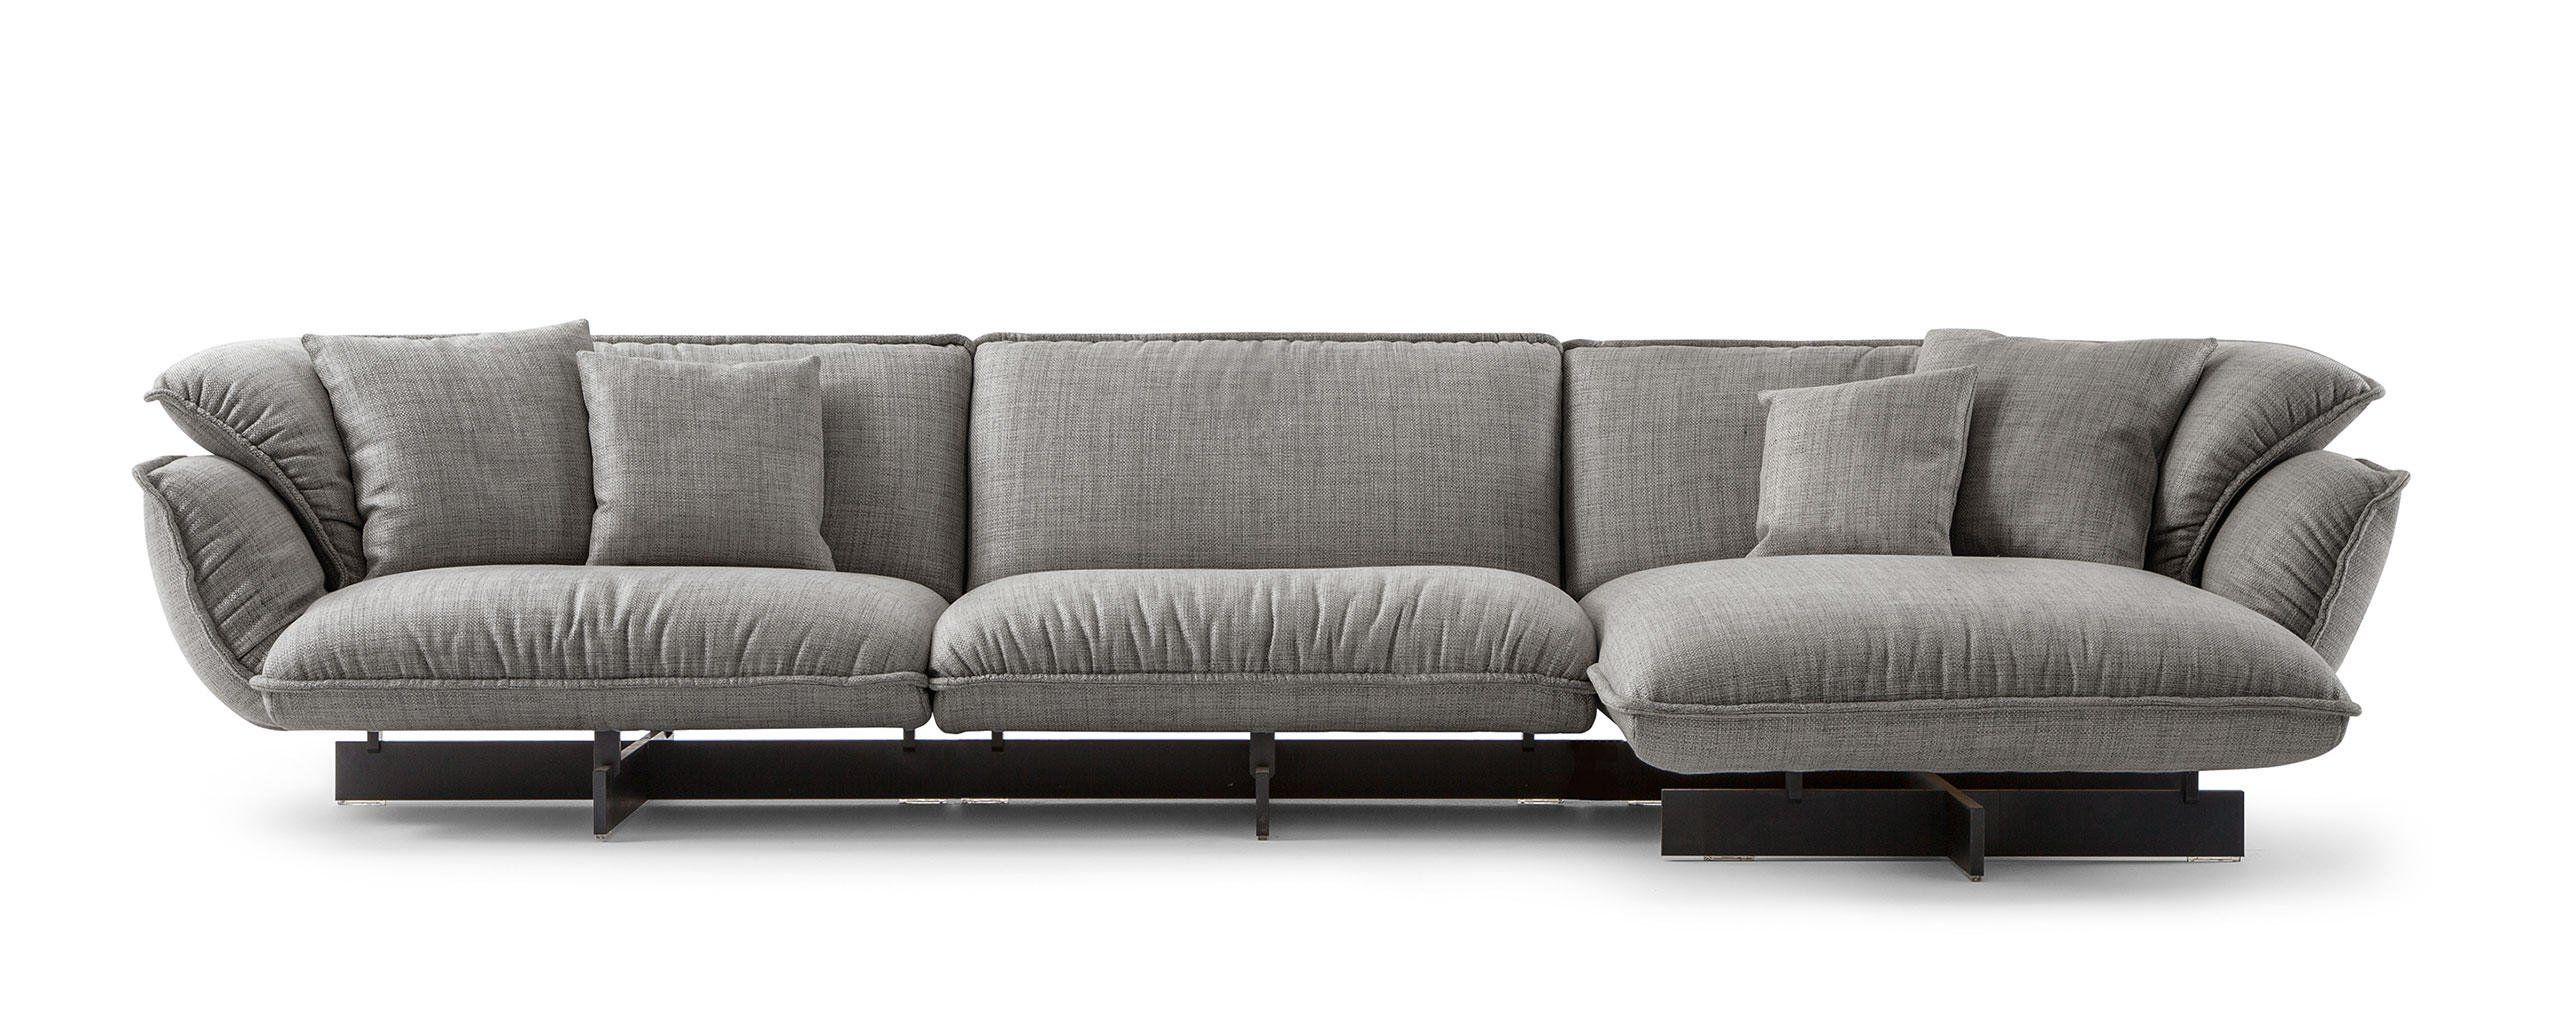 Cassina 551 SUPER BEAM Sofa System by Patricia Urquiola